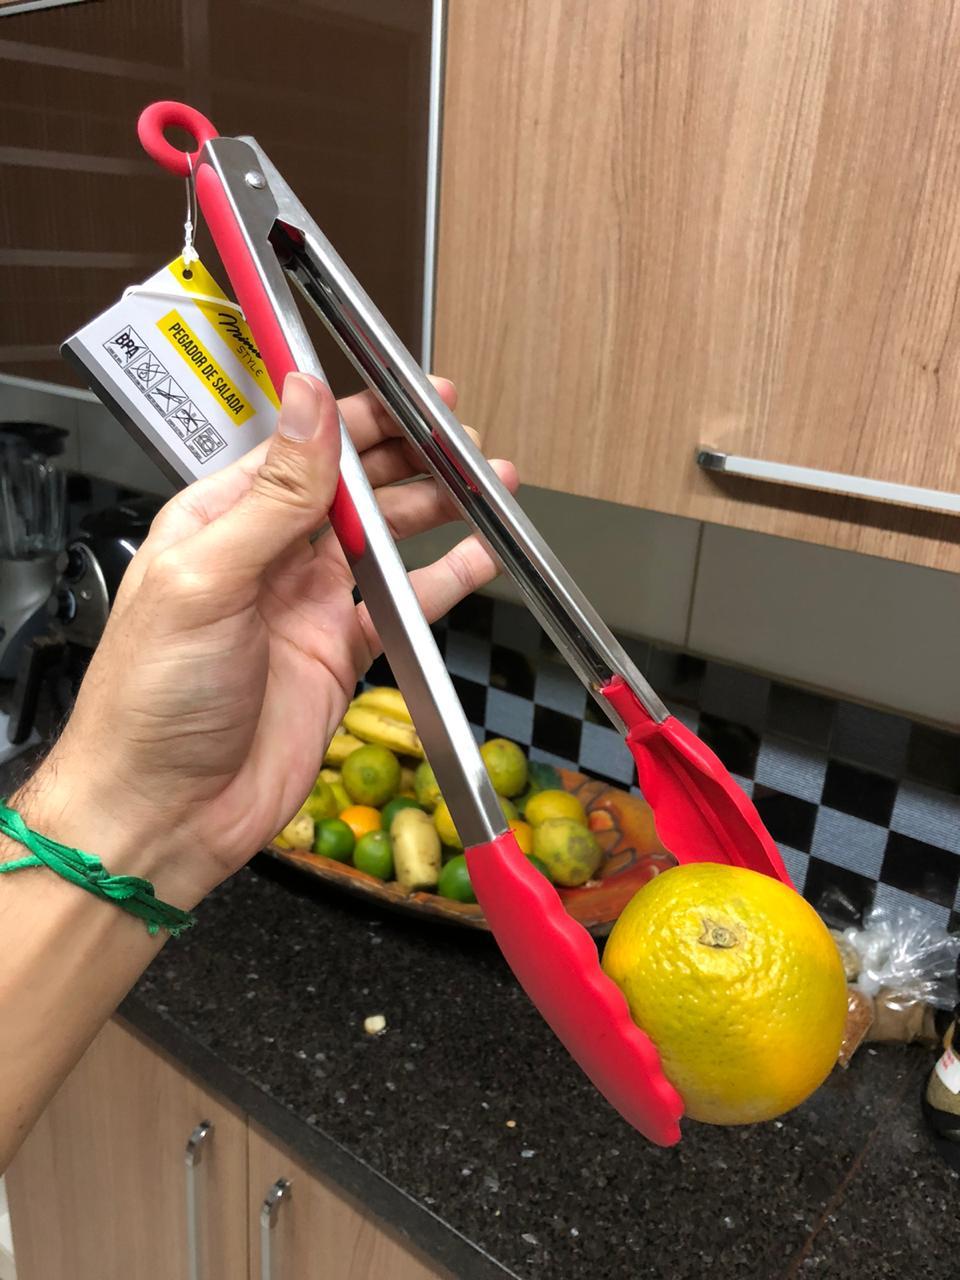 Pegador silicone carne churrasco salada cozinha pinça culinária 35cm Vermelho livre de bpa mimostyle